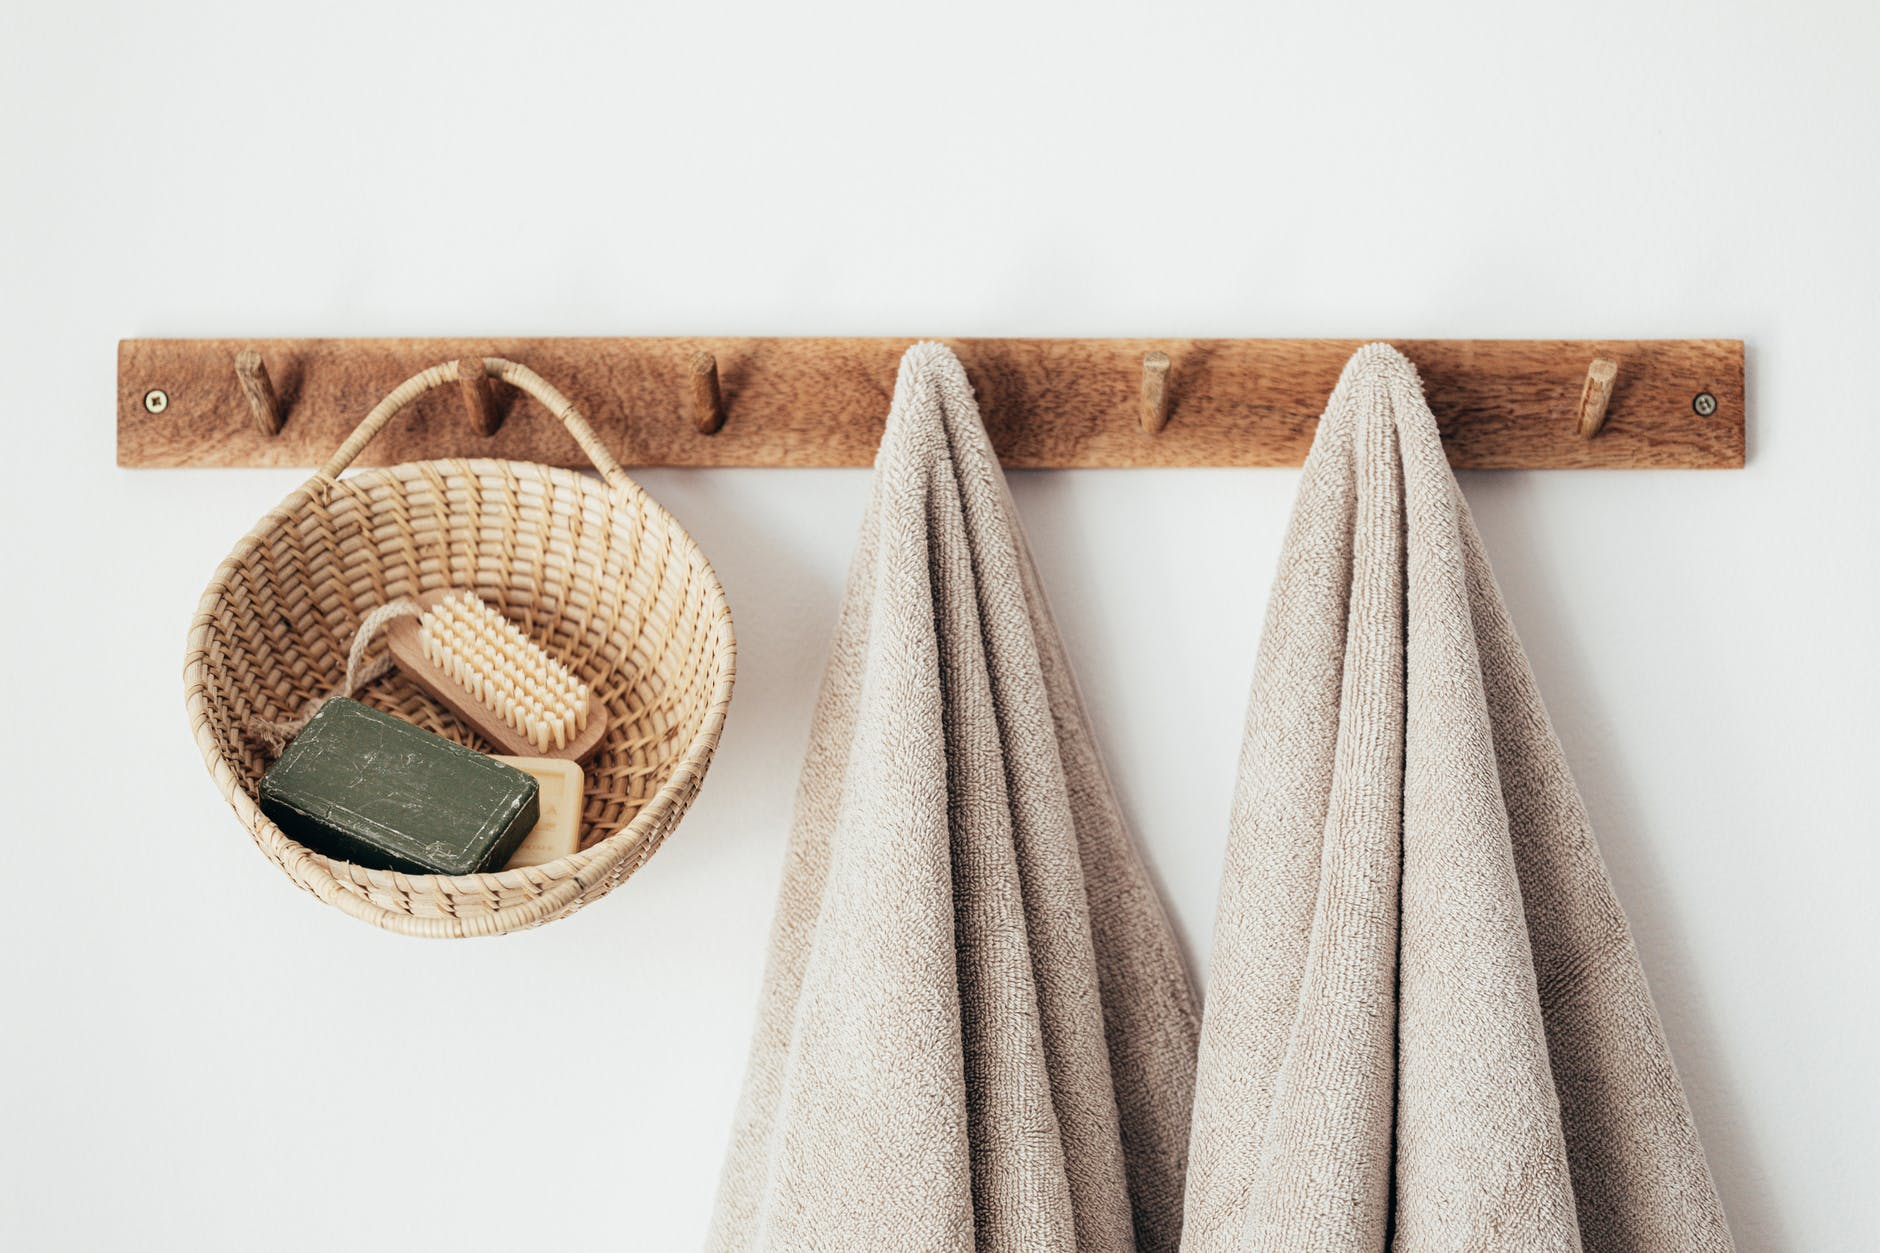 savons Castille Marseille salle de bain serviettes bienfaits